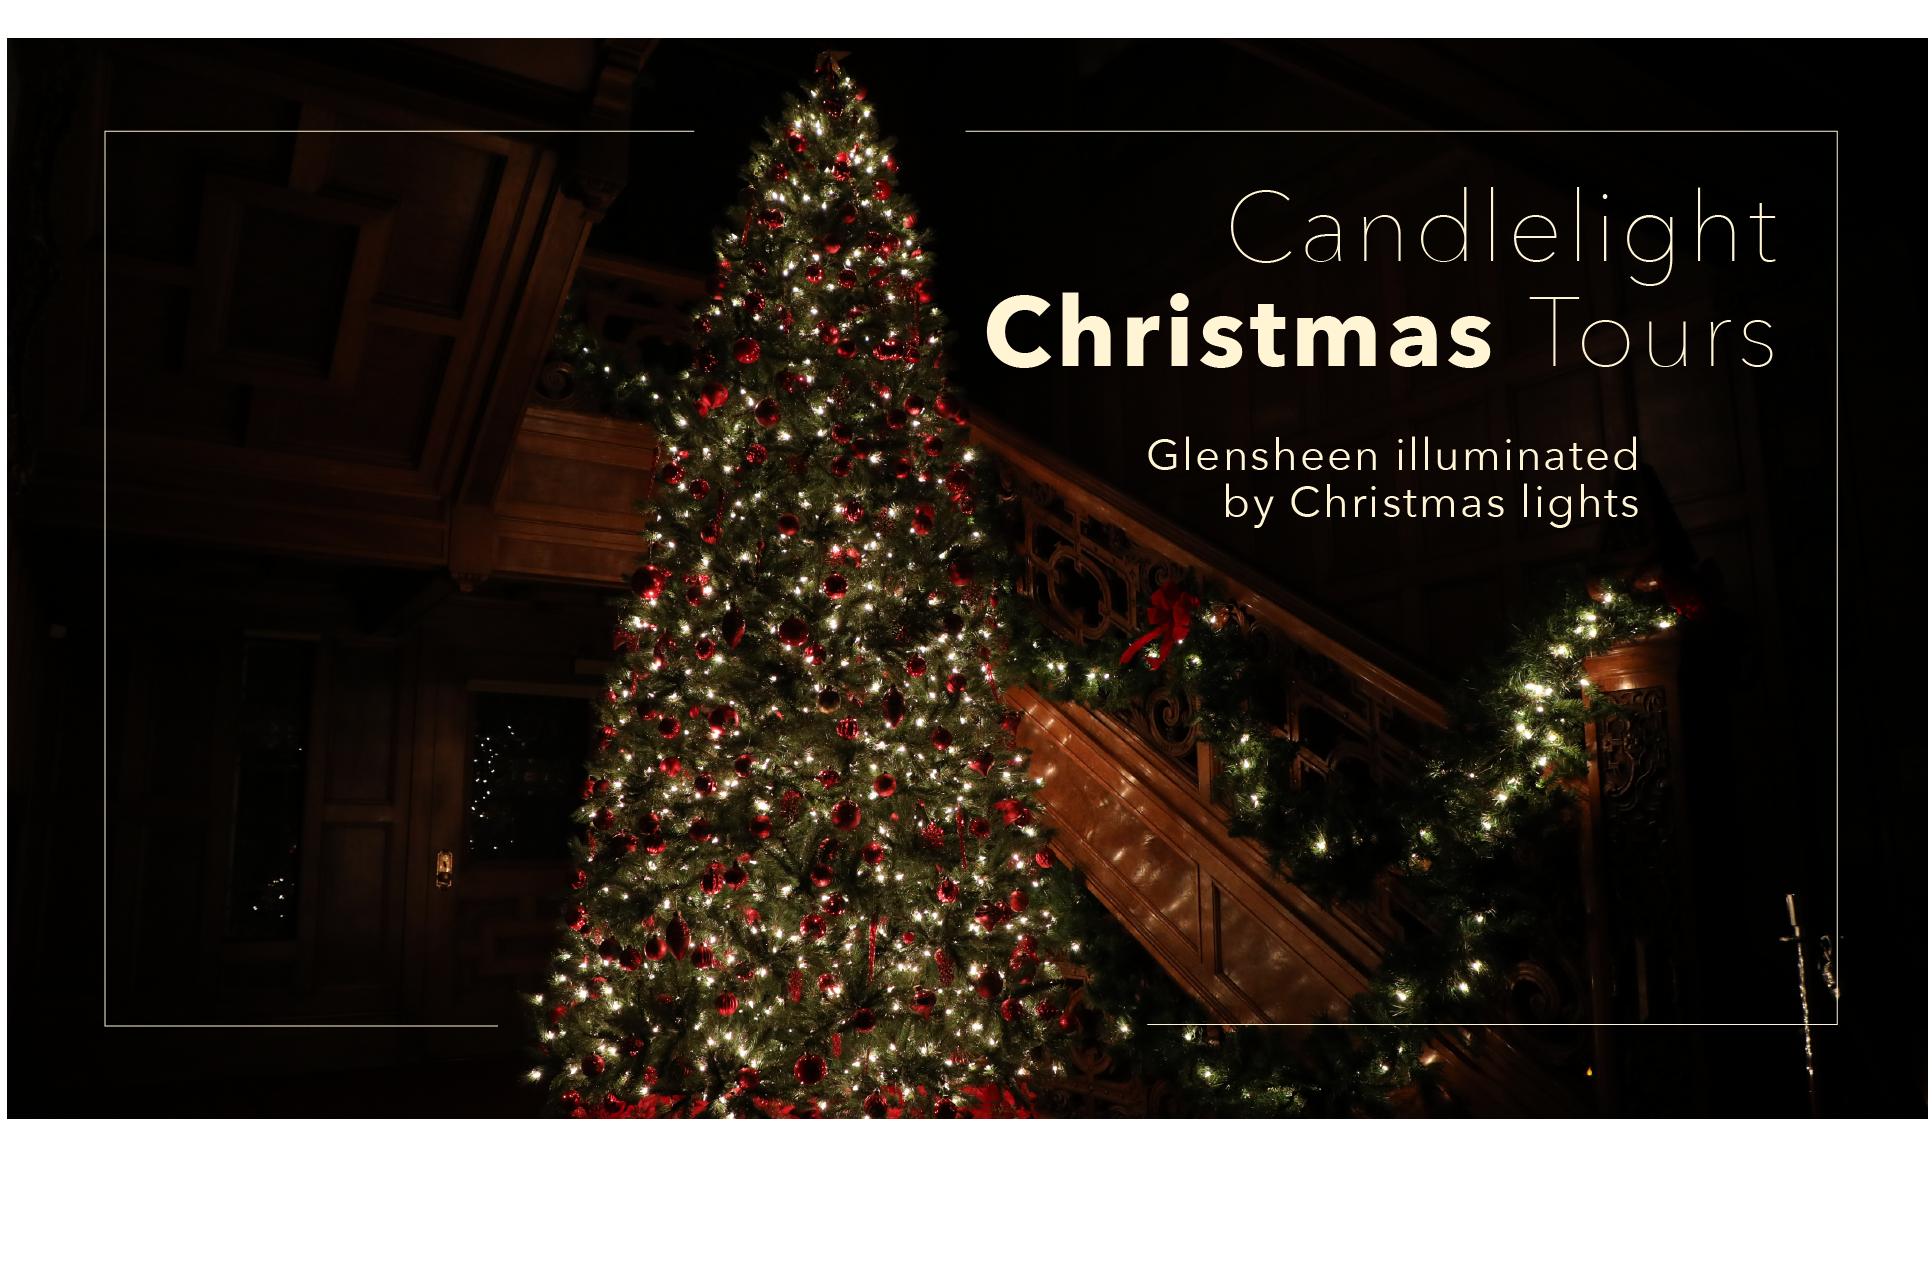 Christmas Tours.Candlelight Christmas Tours Glensheen